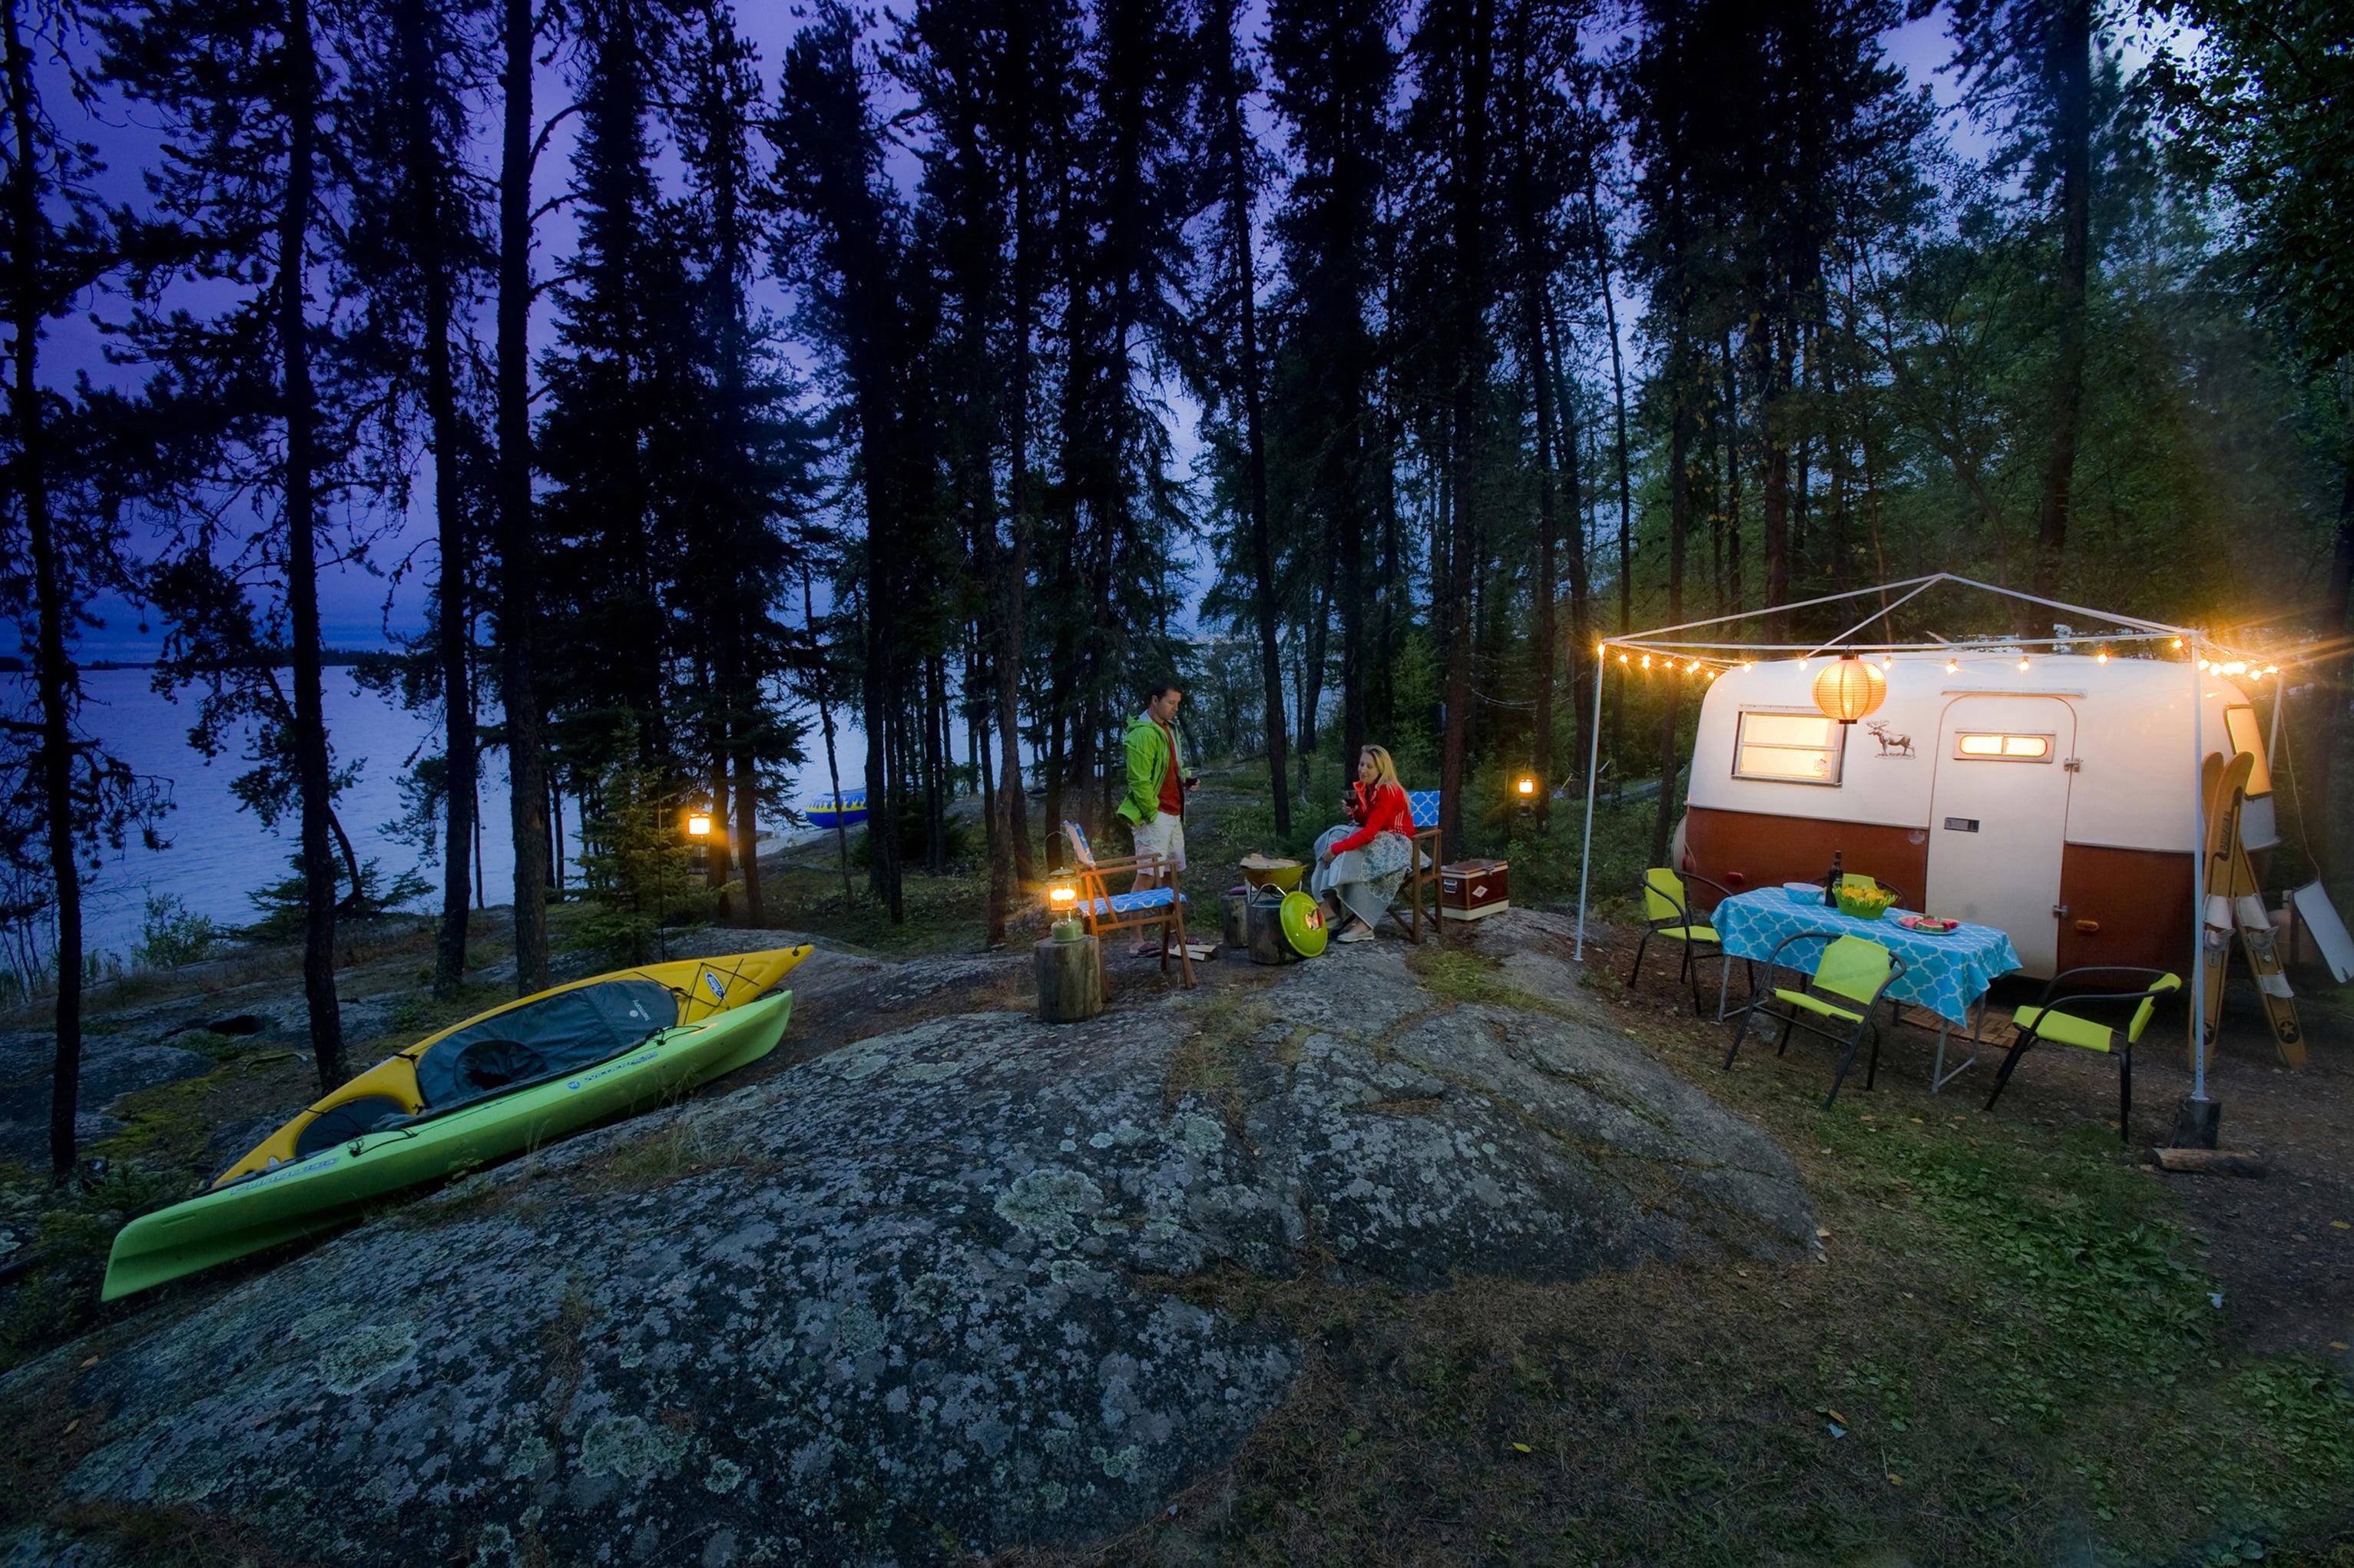 Lac La Ronge Provincial Park in Saskatchewan